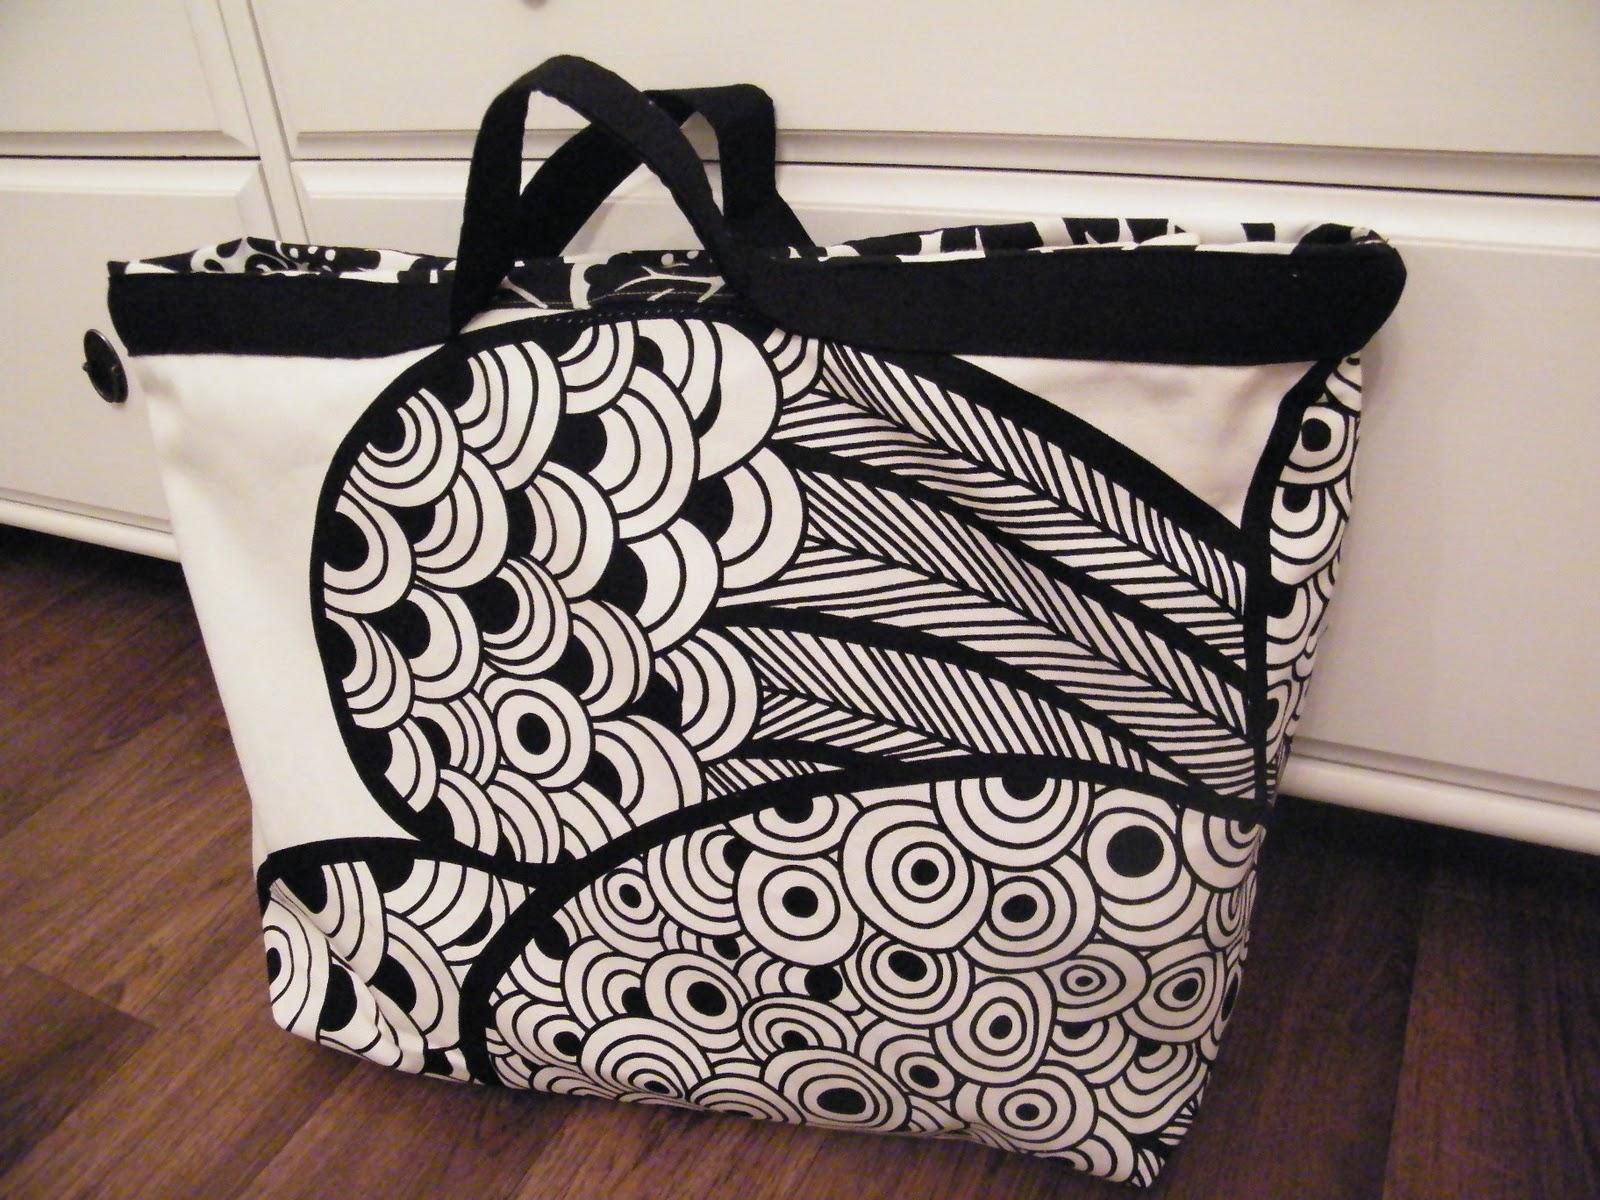 judys dies und das einkaufsbeutel und magische tasche. Black Bedroom Furniture Sets. Home Design Ideas